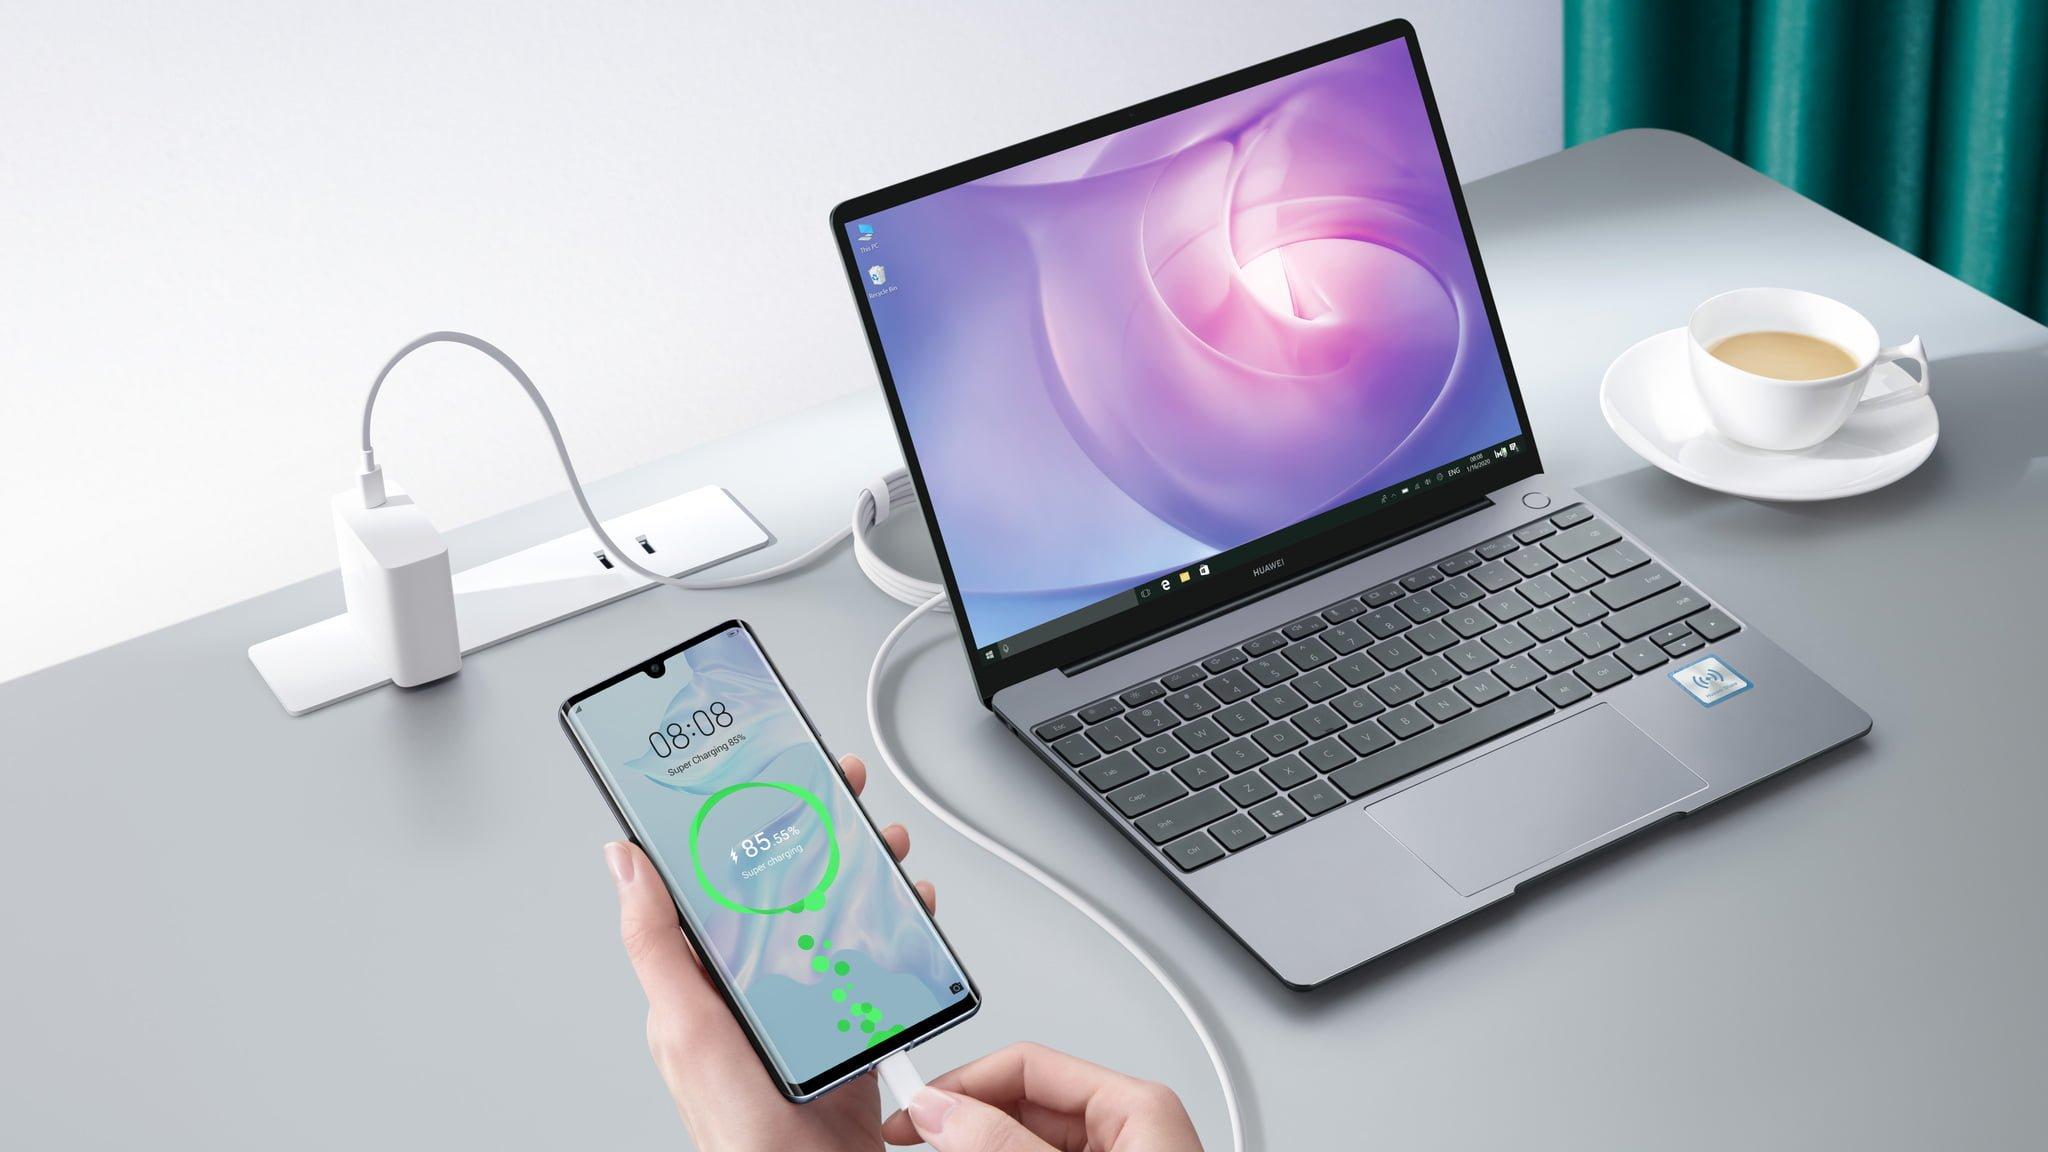 Huawei Matebook X Pro 2020 E Matebook 13 2020: Disponibili Da Oggi In Italia 4 - Hynerd.it